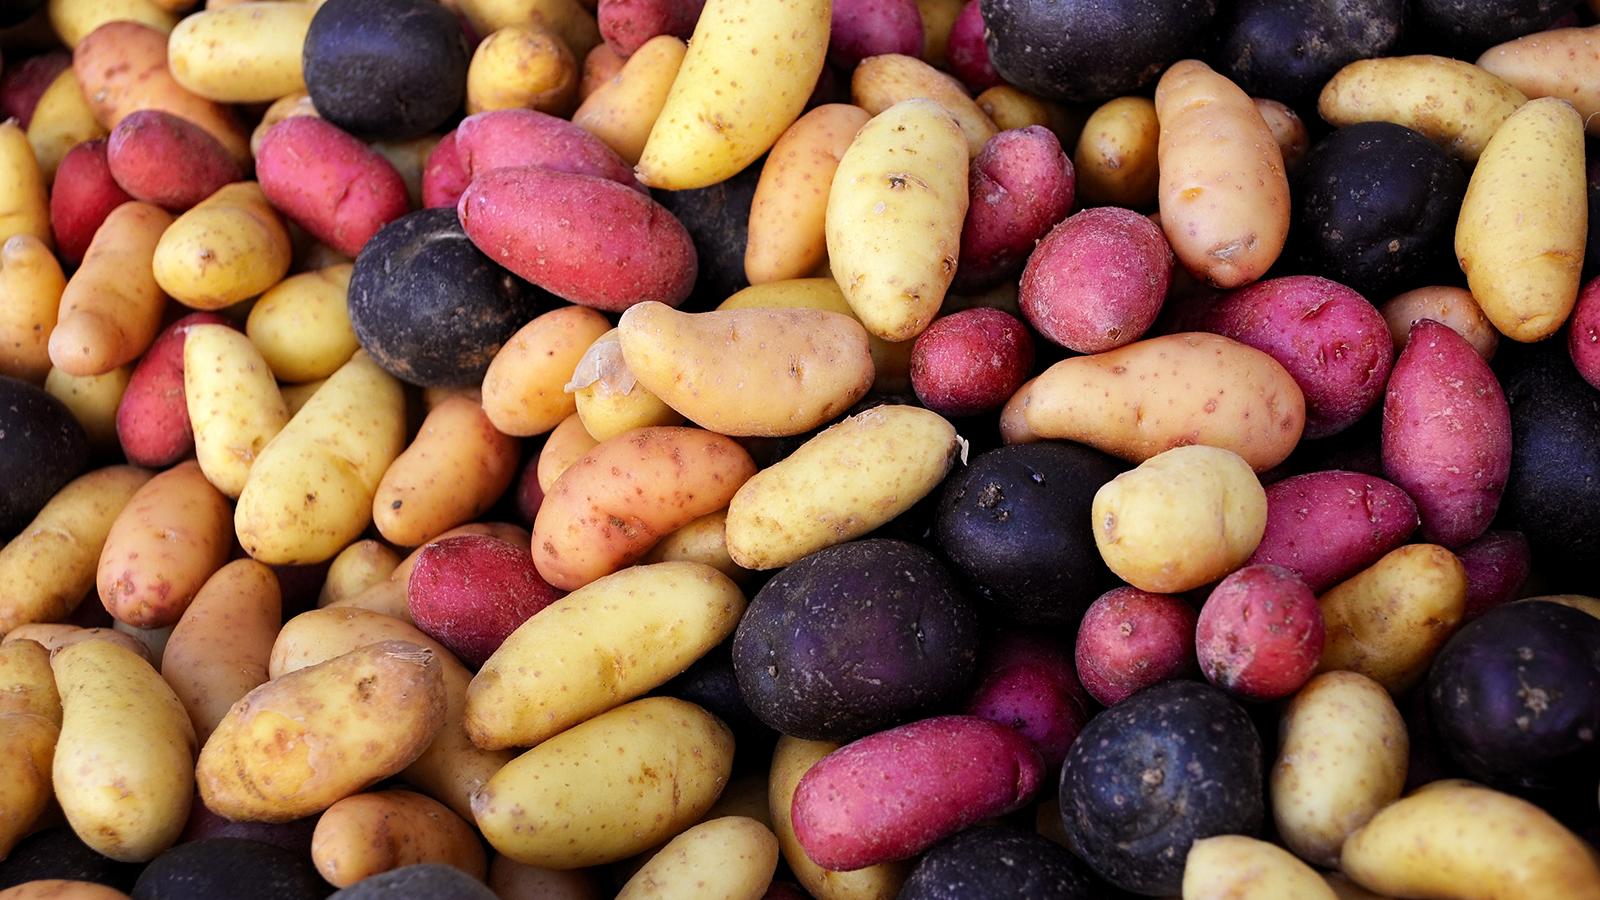 イモ類って糖質制限ダイエット中に食べていい?食べていい芋とダメな芋をご紹介!